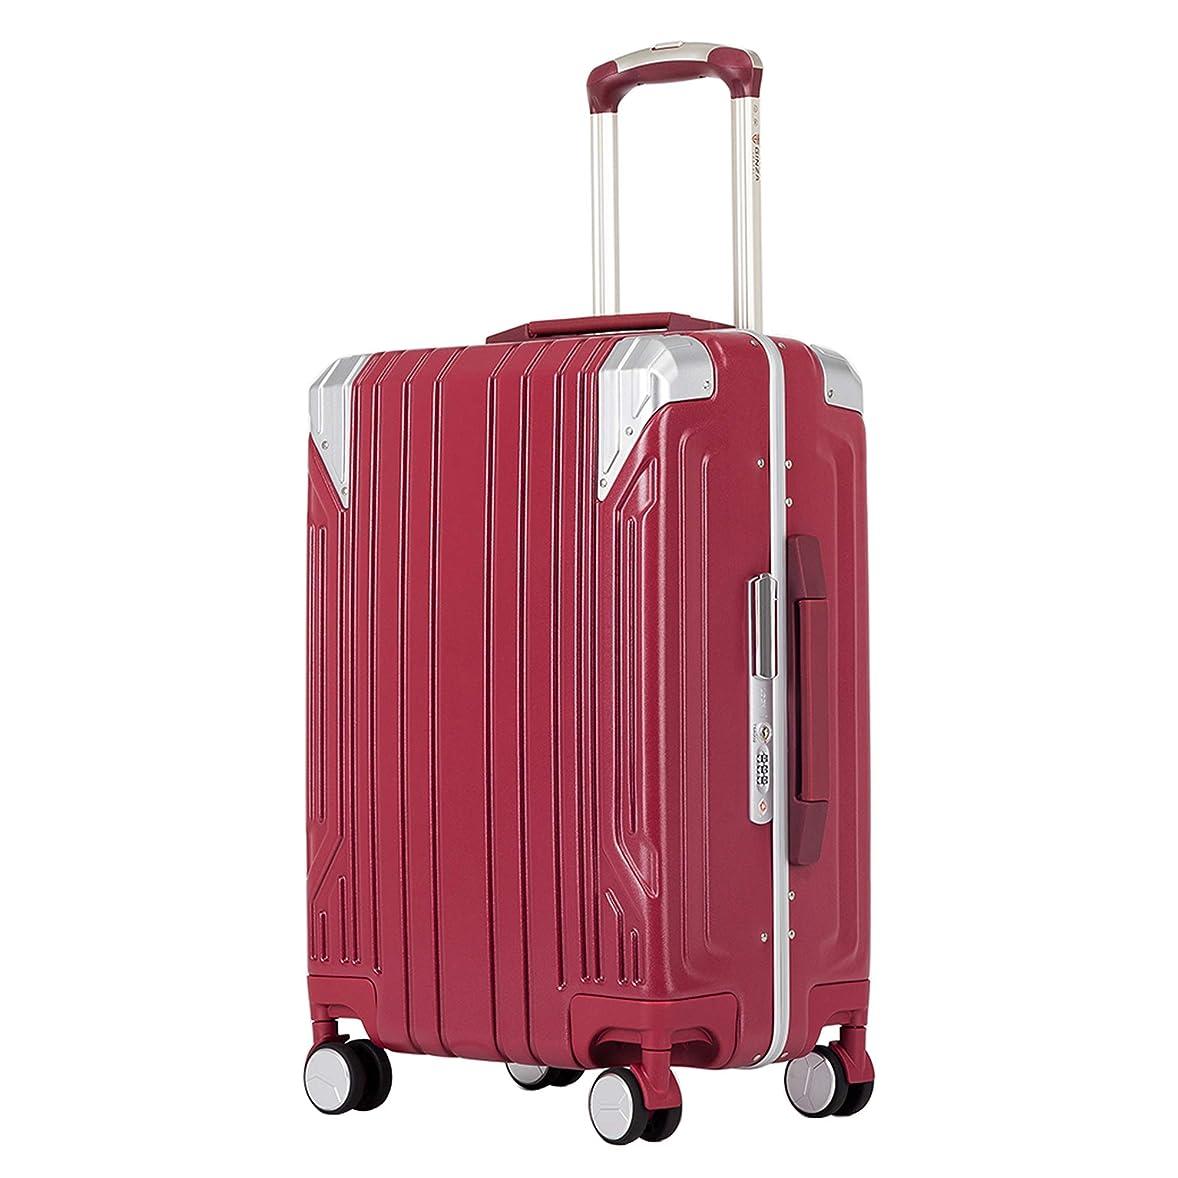 冒険差別する体操クロース(Kroeus)スーツケース キャリーケース PC100%ボディ高強度 TSAロック搭載 8輪 アルミフレーム S型機内持ち込み可 日本語取扱説明書 1年間保証付き